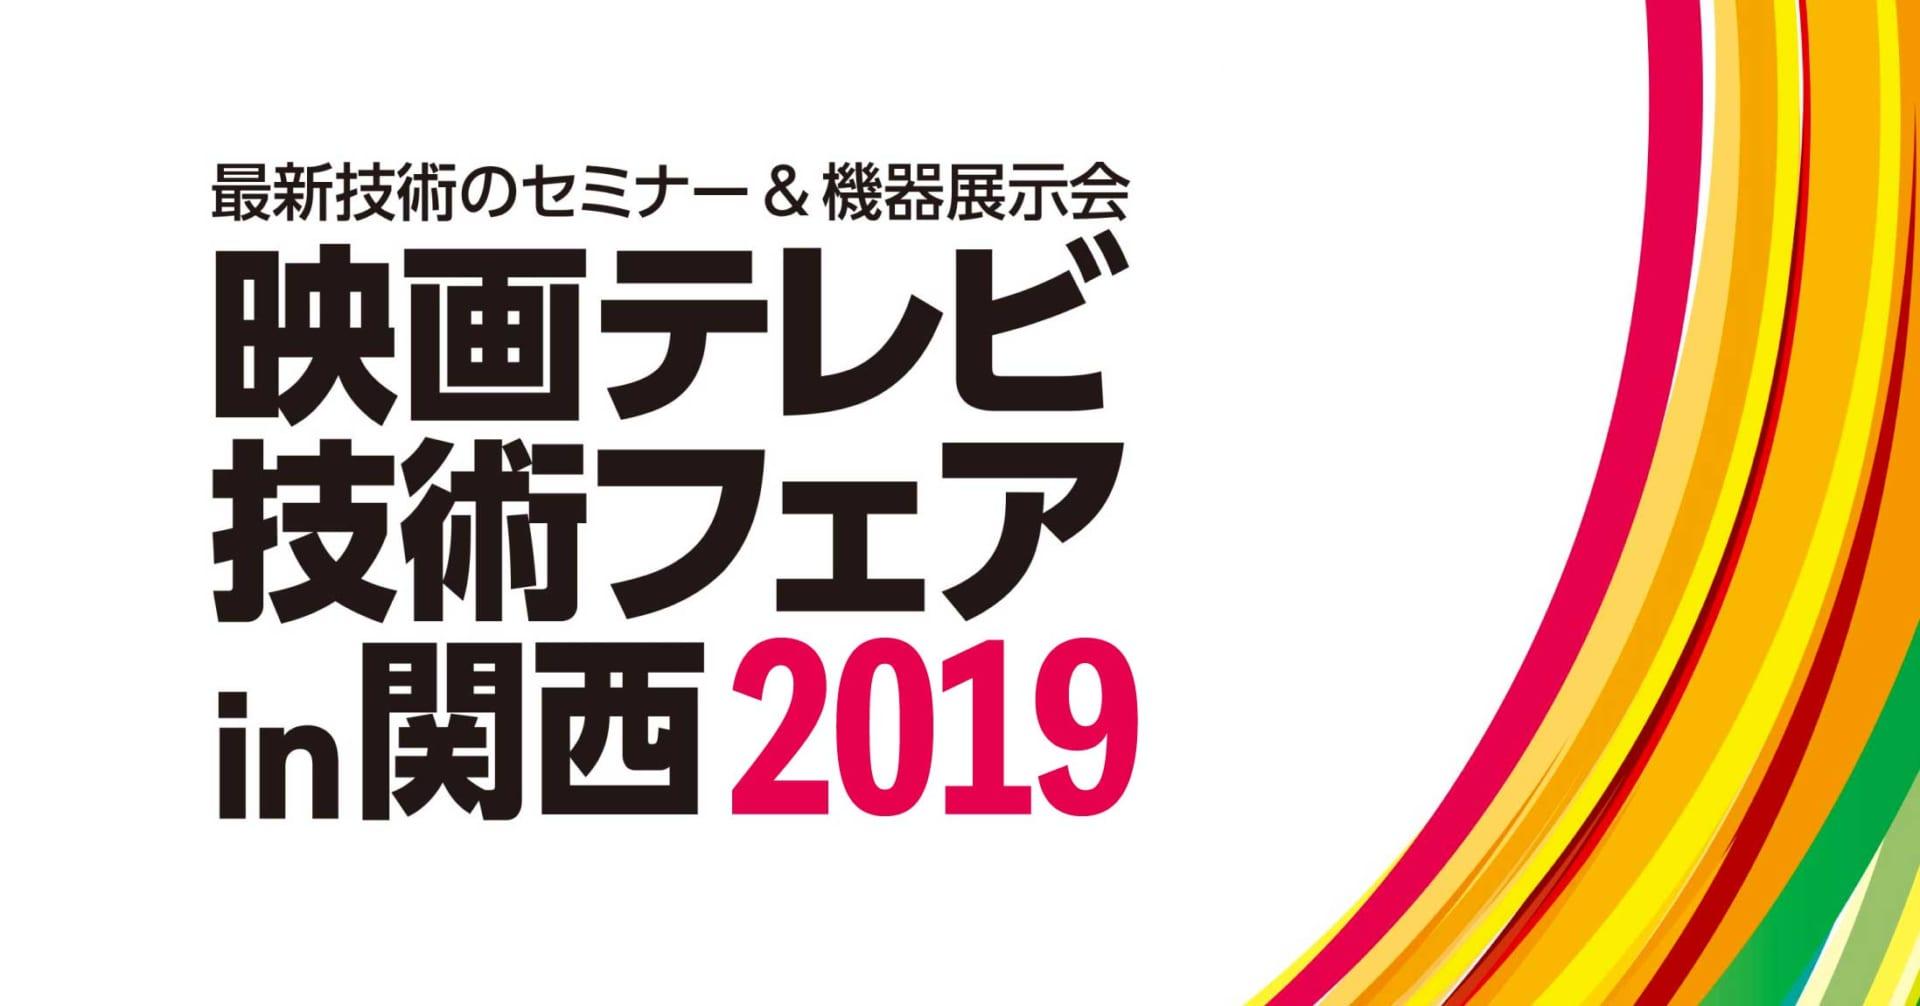 『映画テレビ技術フェアin関西2019 出展のお知らせ』